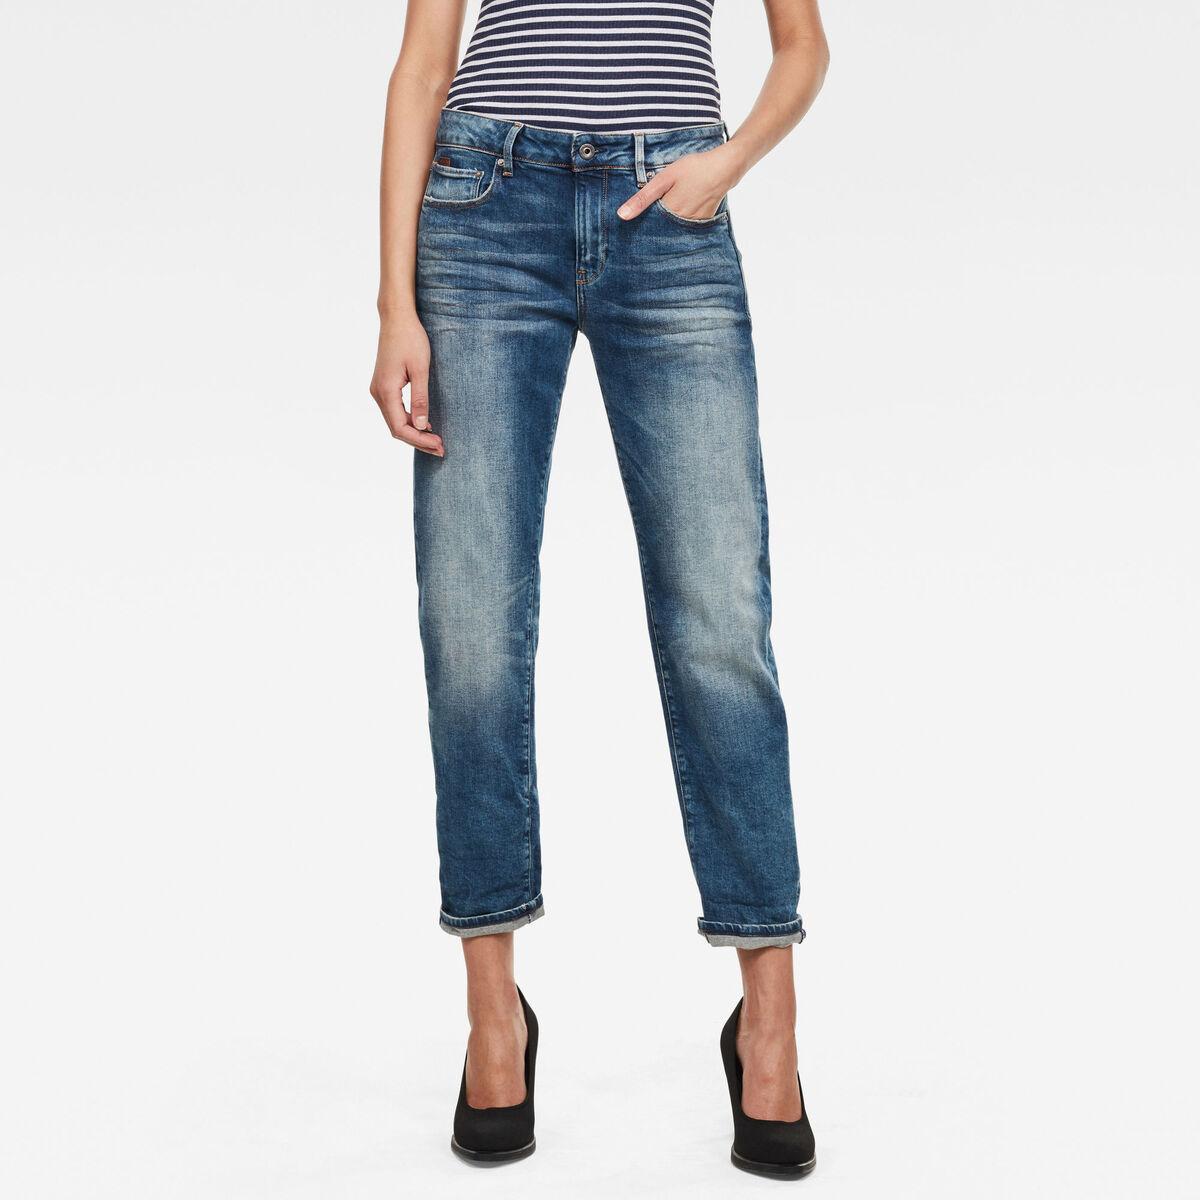 Bild 1 von Kate Boyfriend Jeans